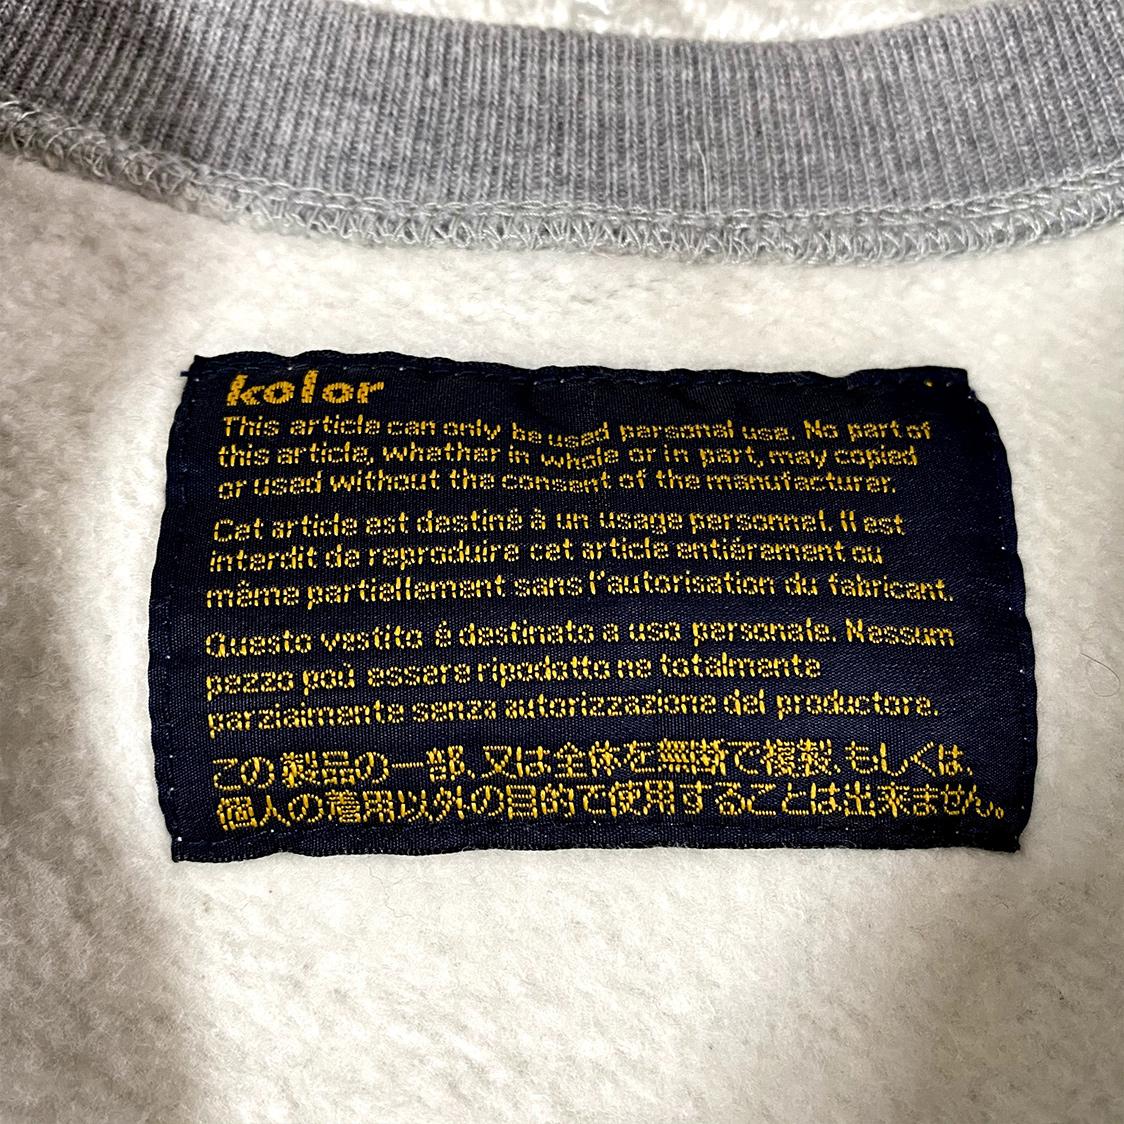 kolor カラー 【サイズ3】 ファイヤー ワッペン スウェット シャツ クルーネック グレー 刺繍 / sacai サカイ